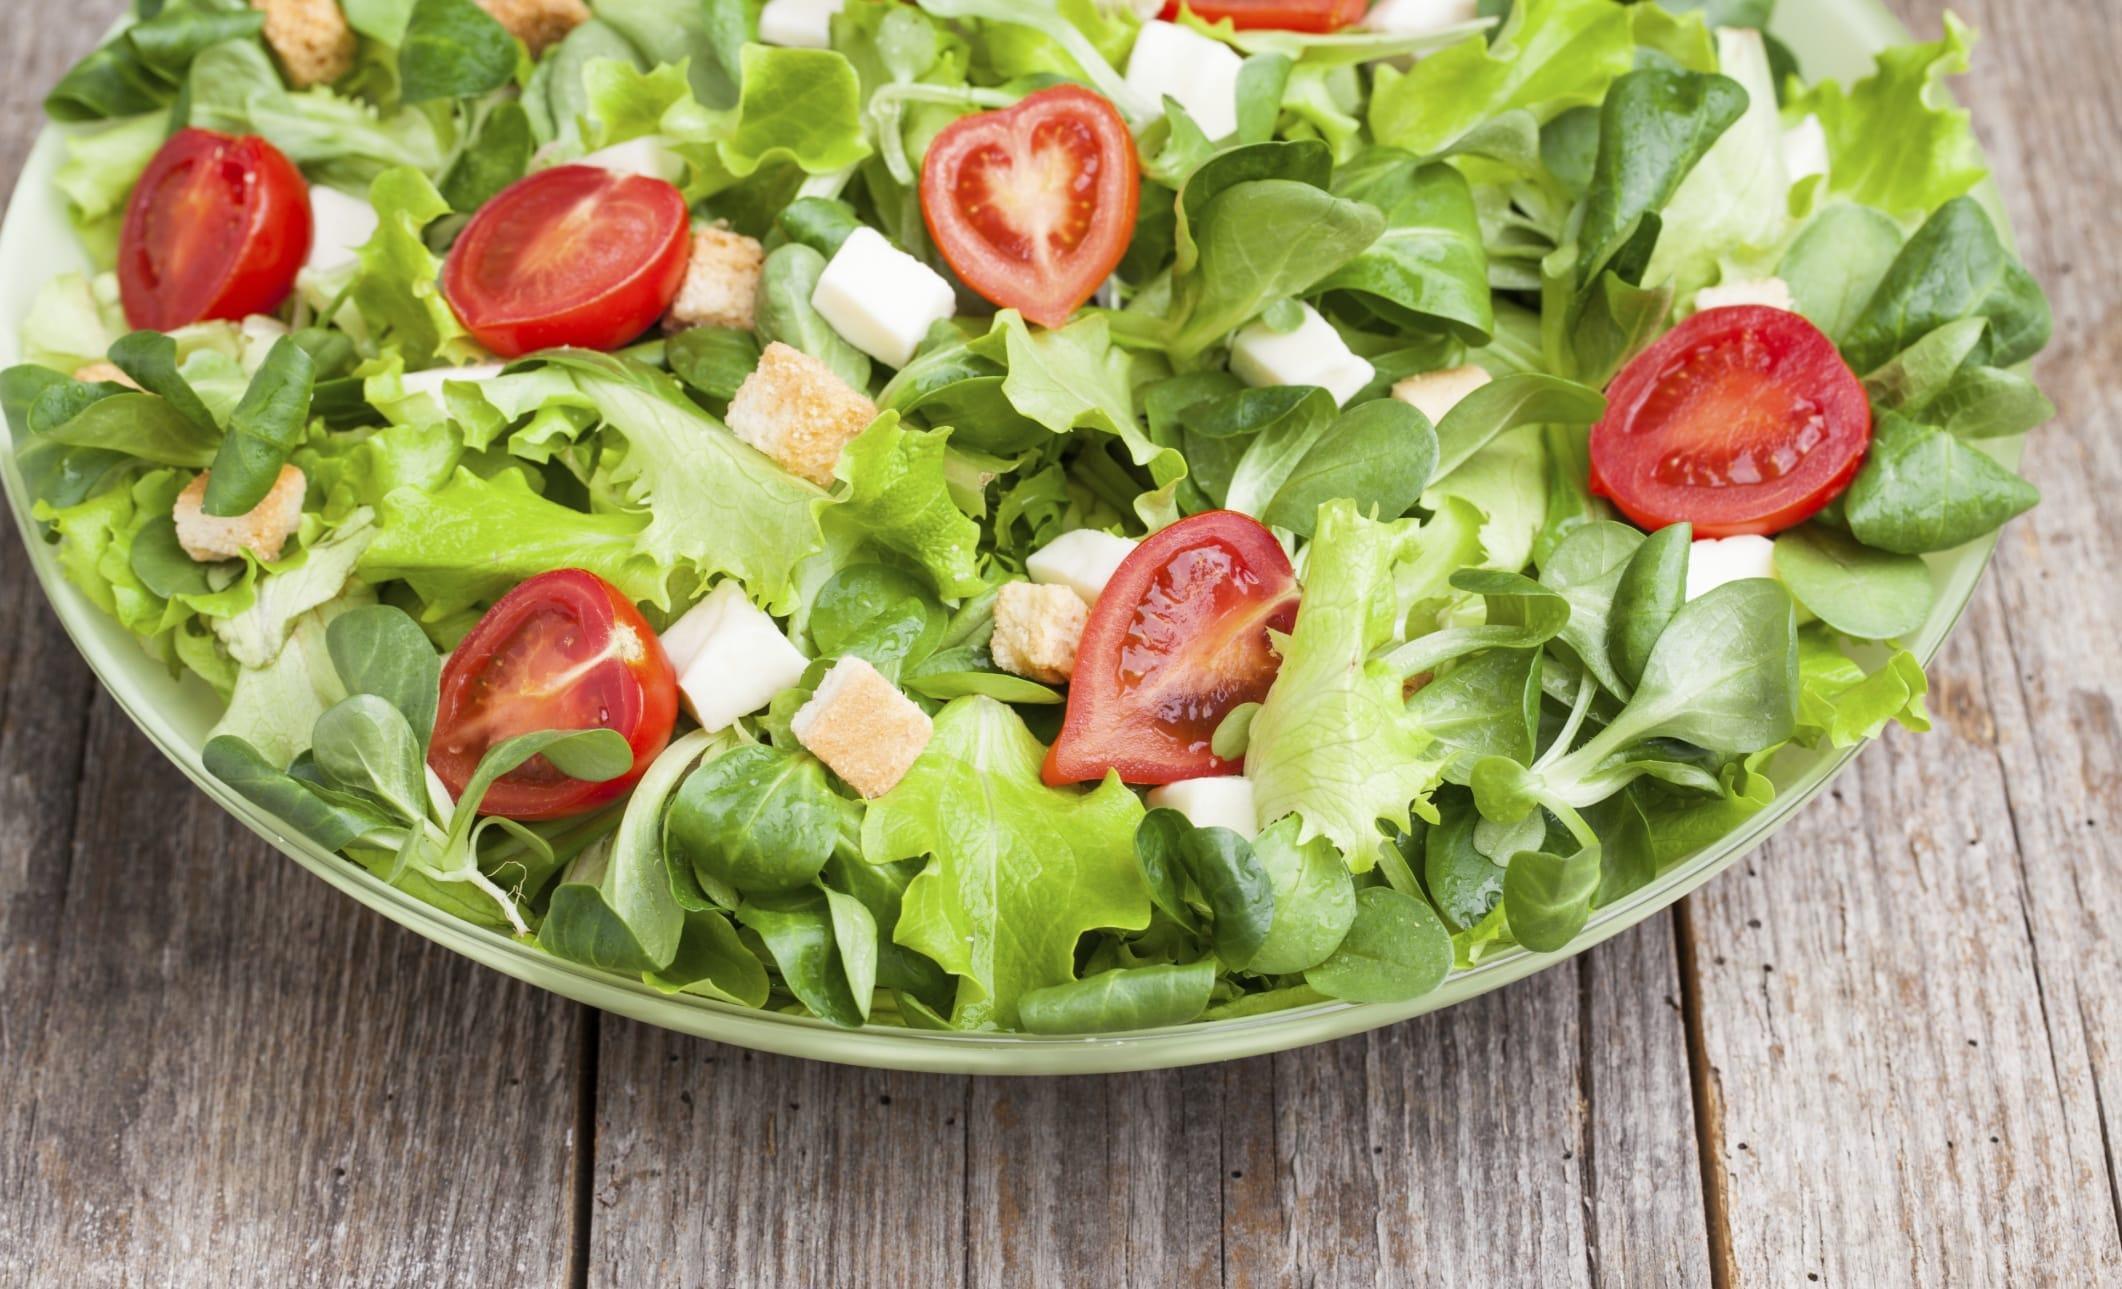 Prevenzione tumore al seno: comincia a tavola con le verdure a foglie